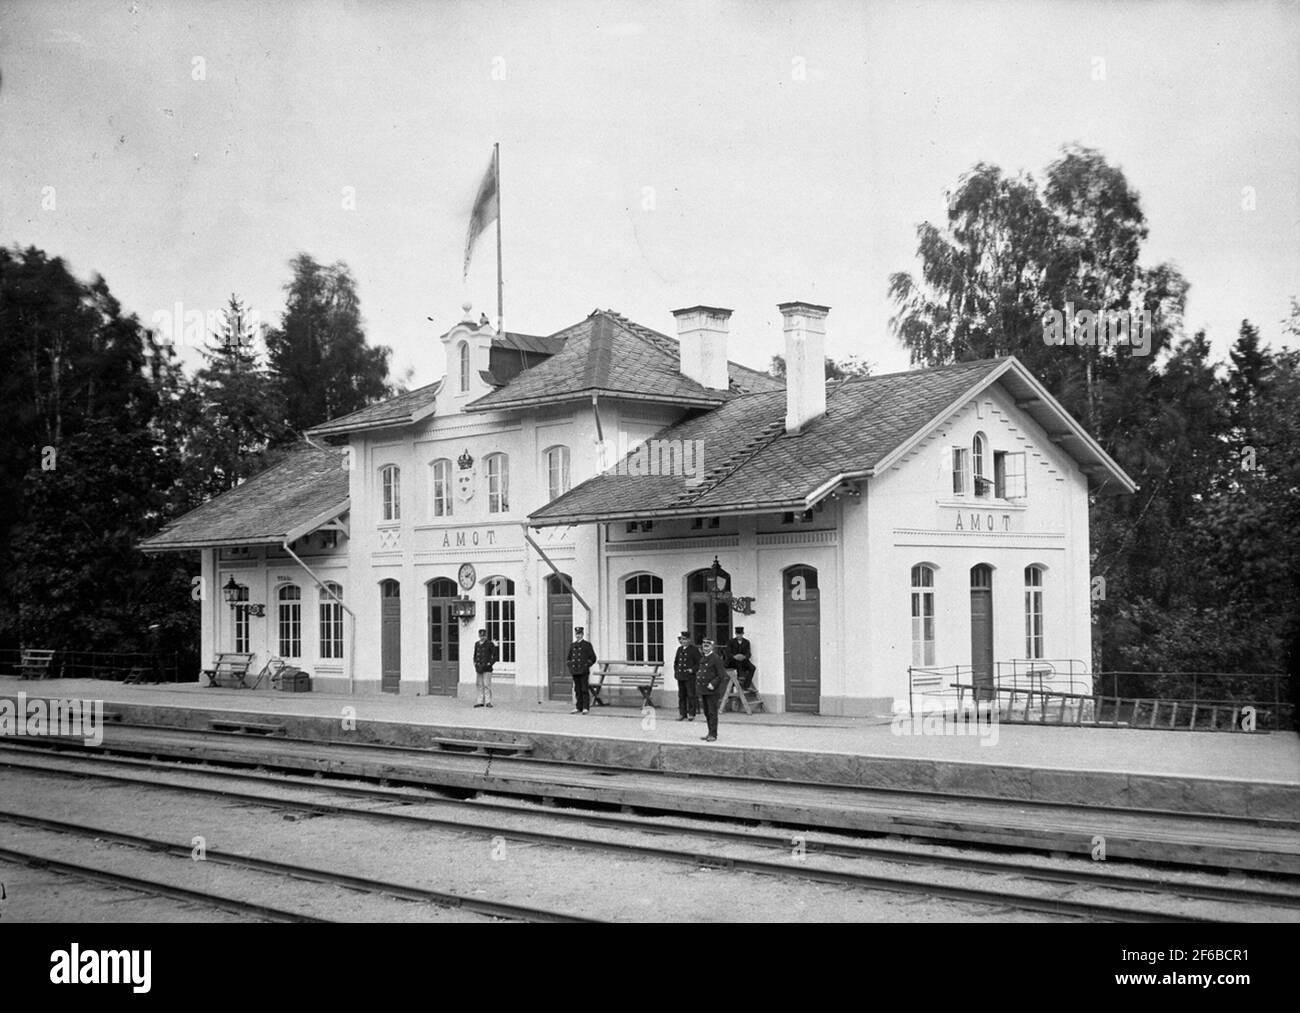 Åmot station, later Åmotors. Stock Photo